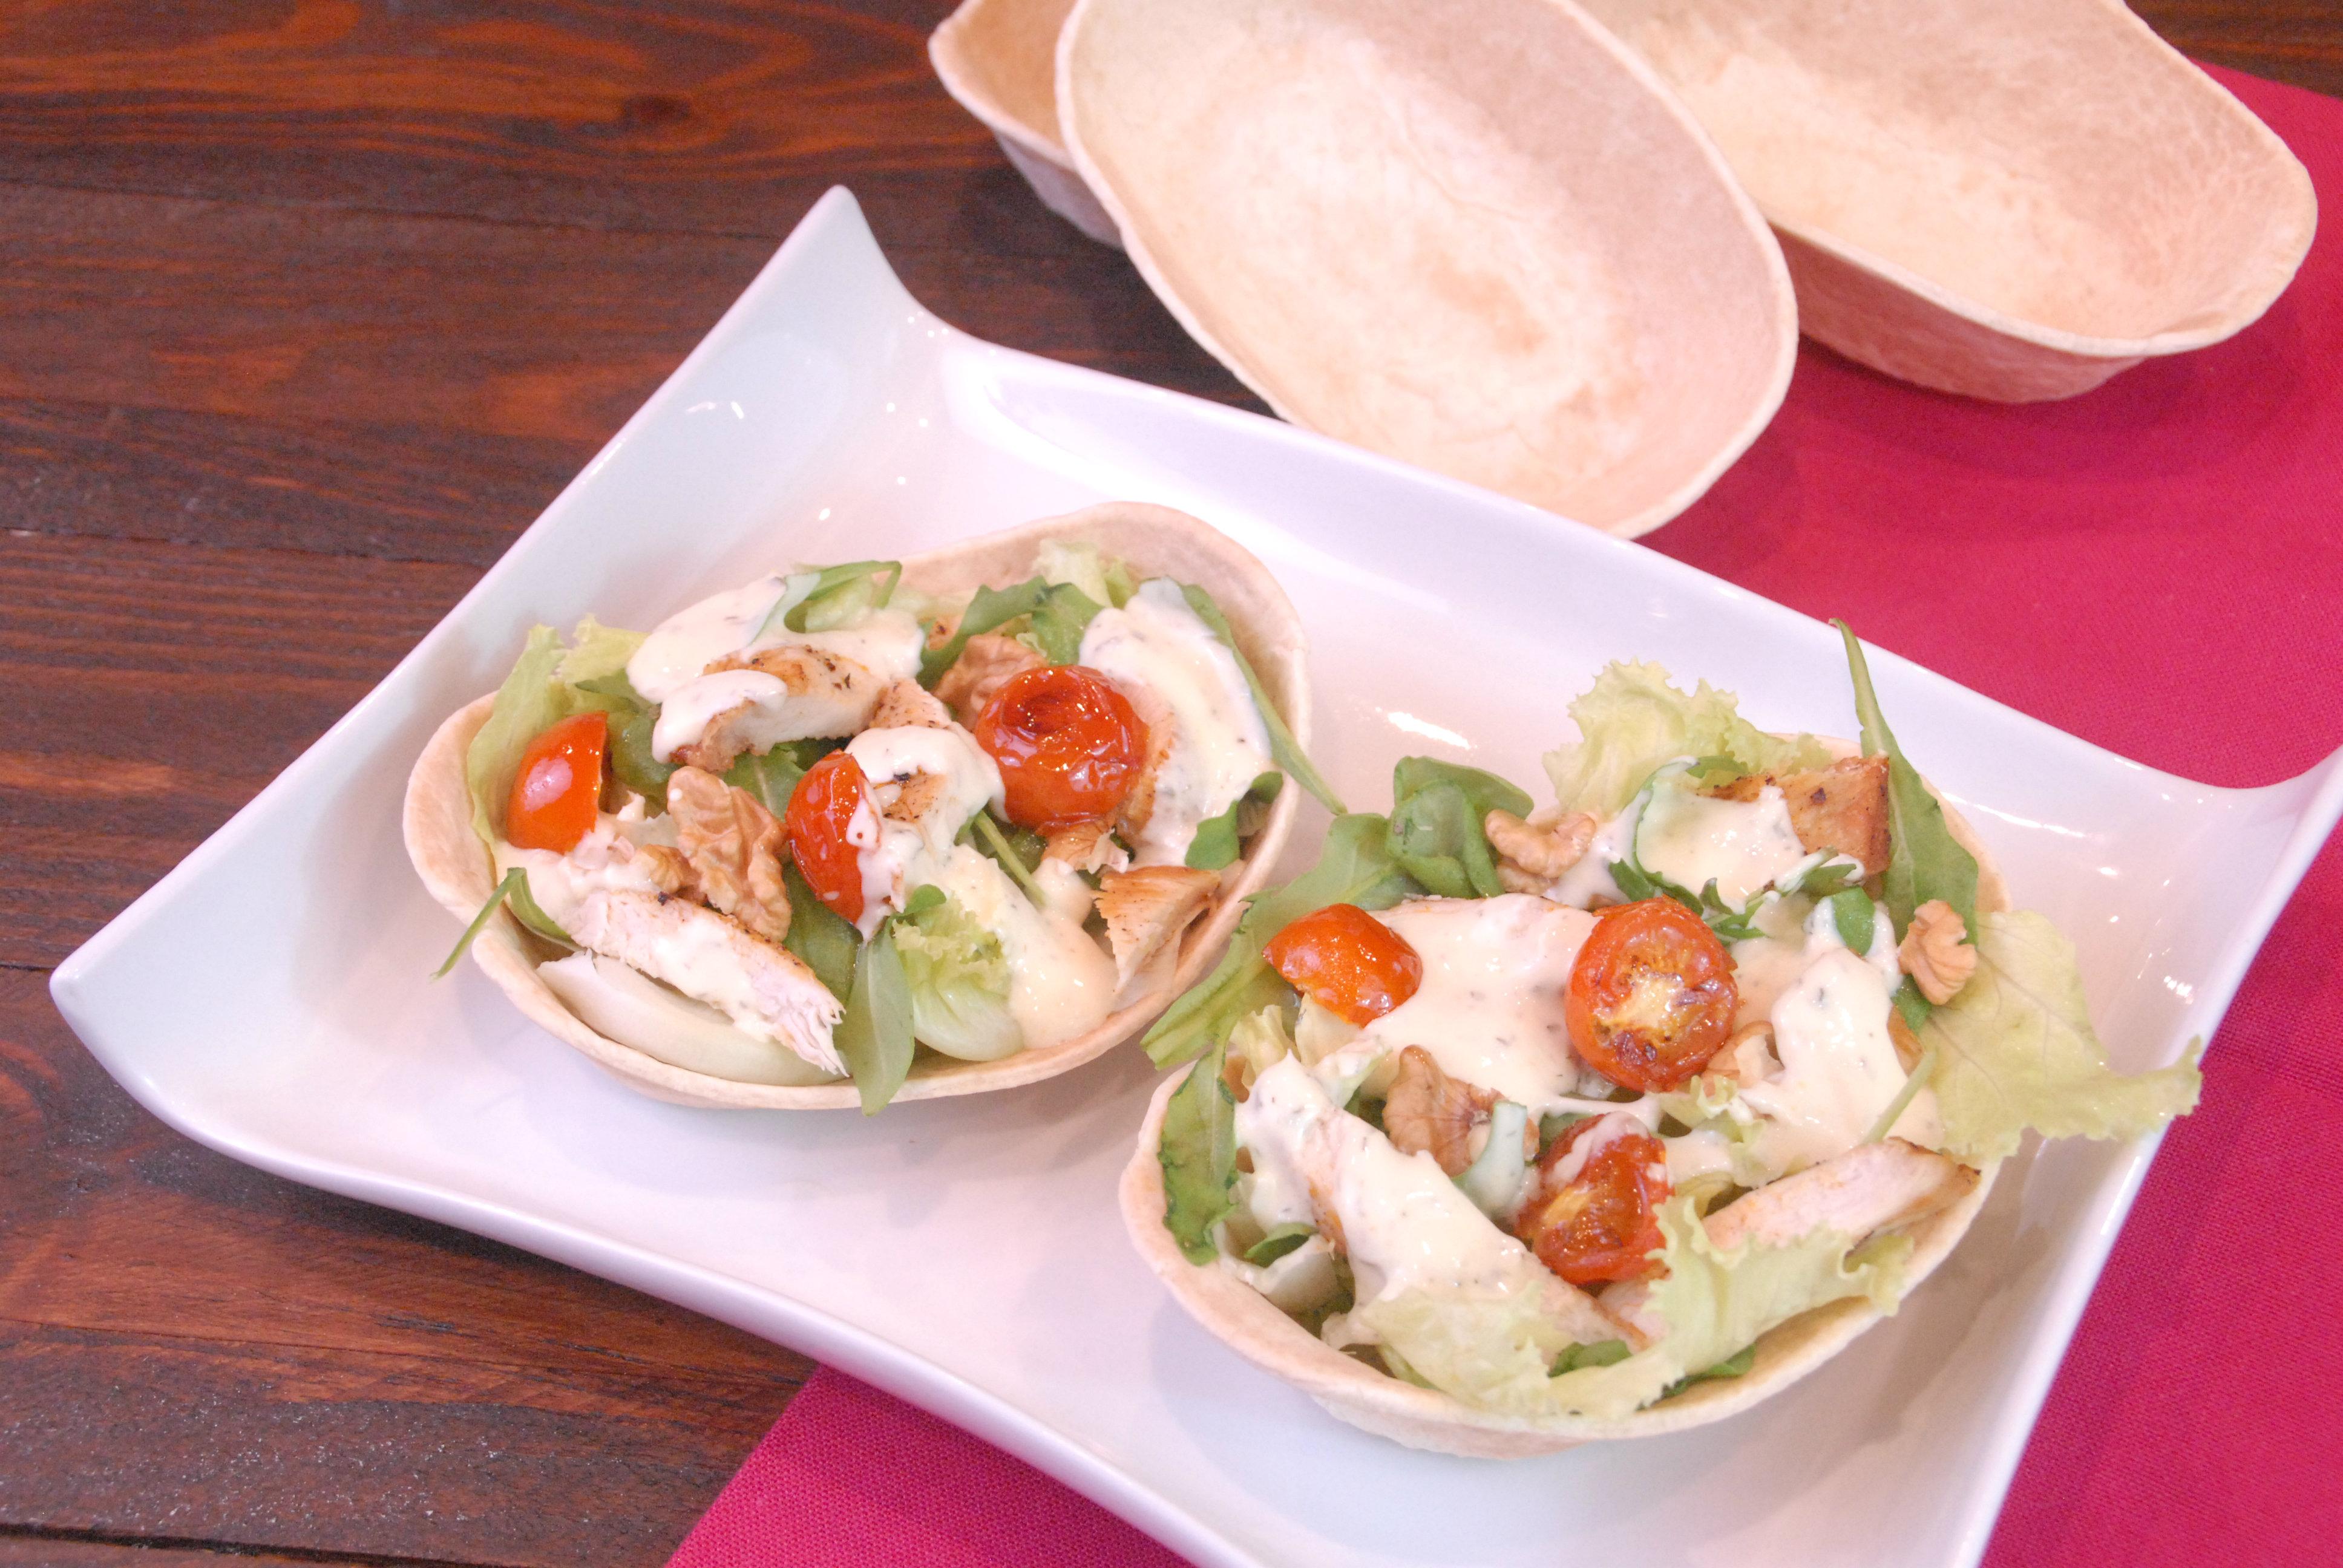 Receta de ensalada de pollo en barquitas mexicanas